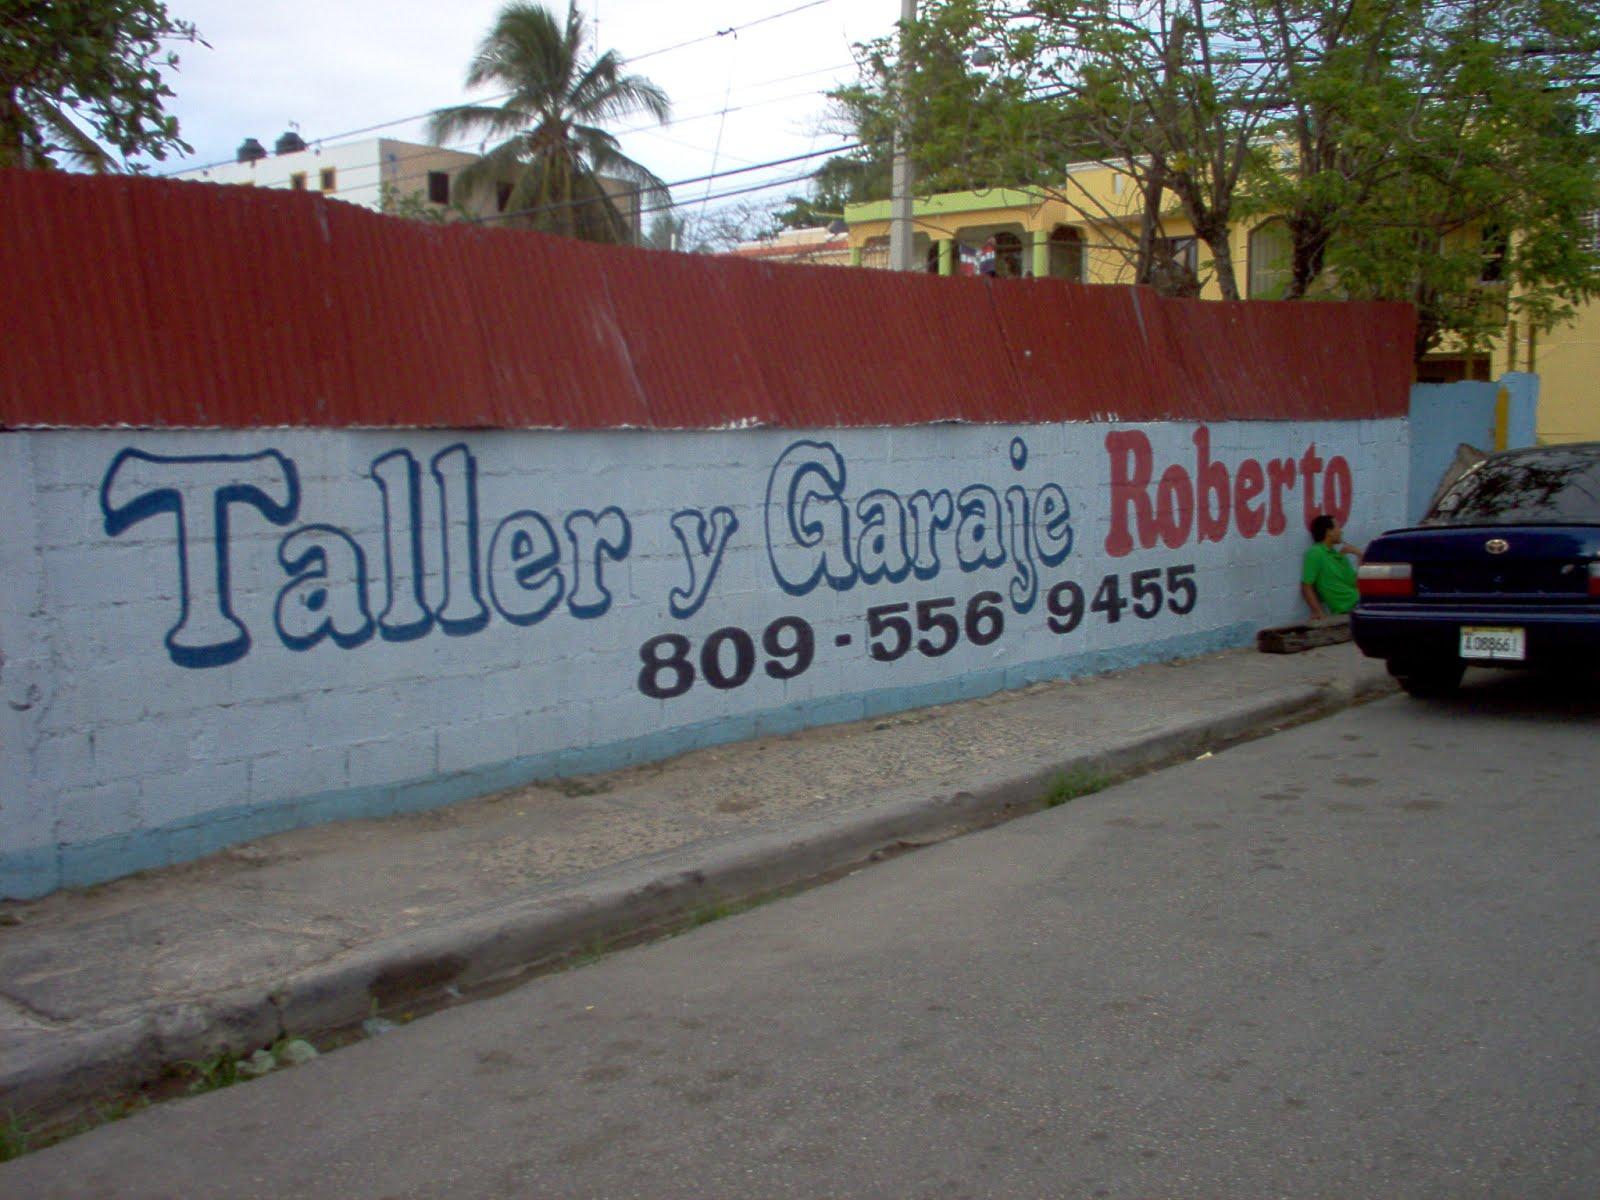 Taller y Garaje Roberto